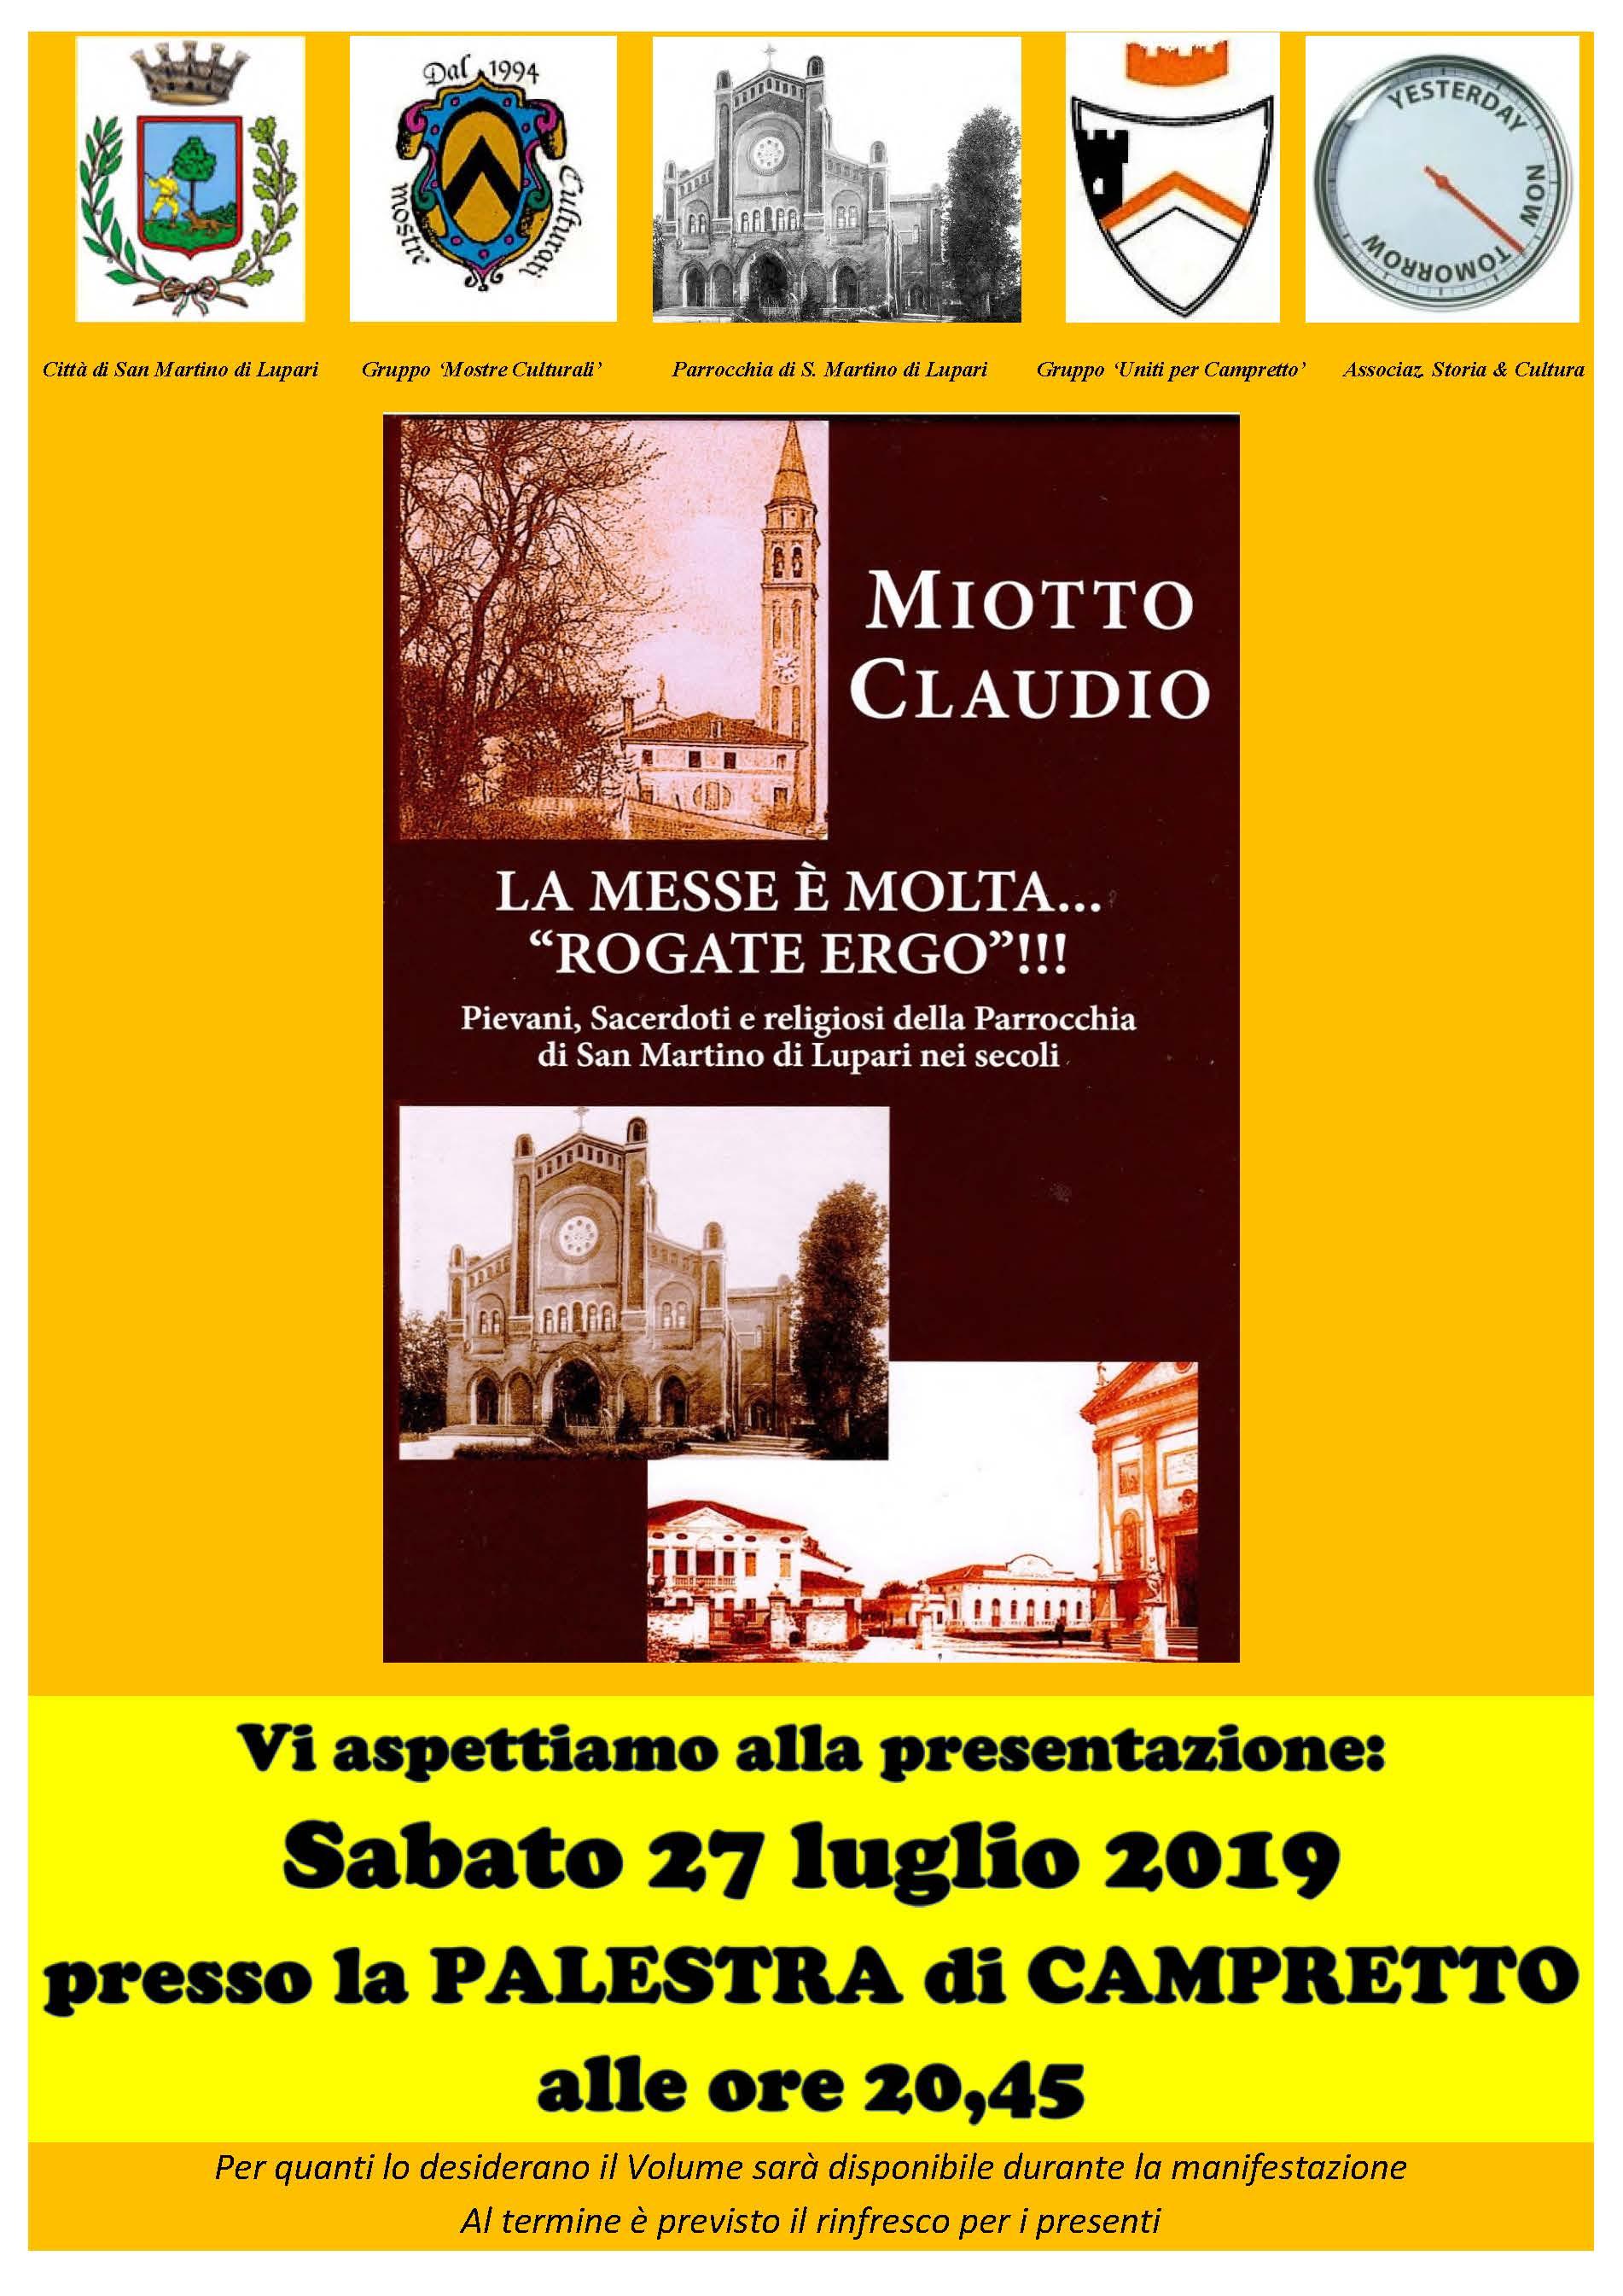 Presentazione volume di Miotto Claudio: Sabato 27 luglio ore 20.45